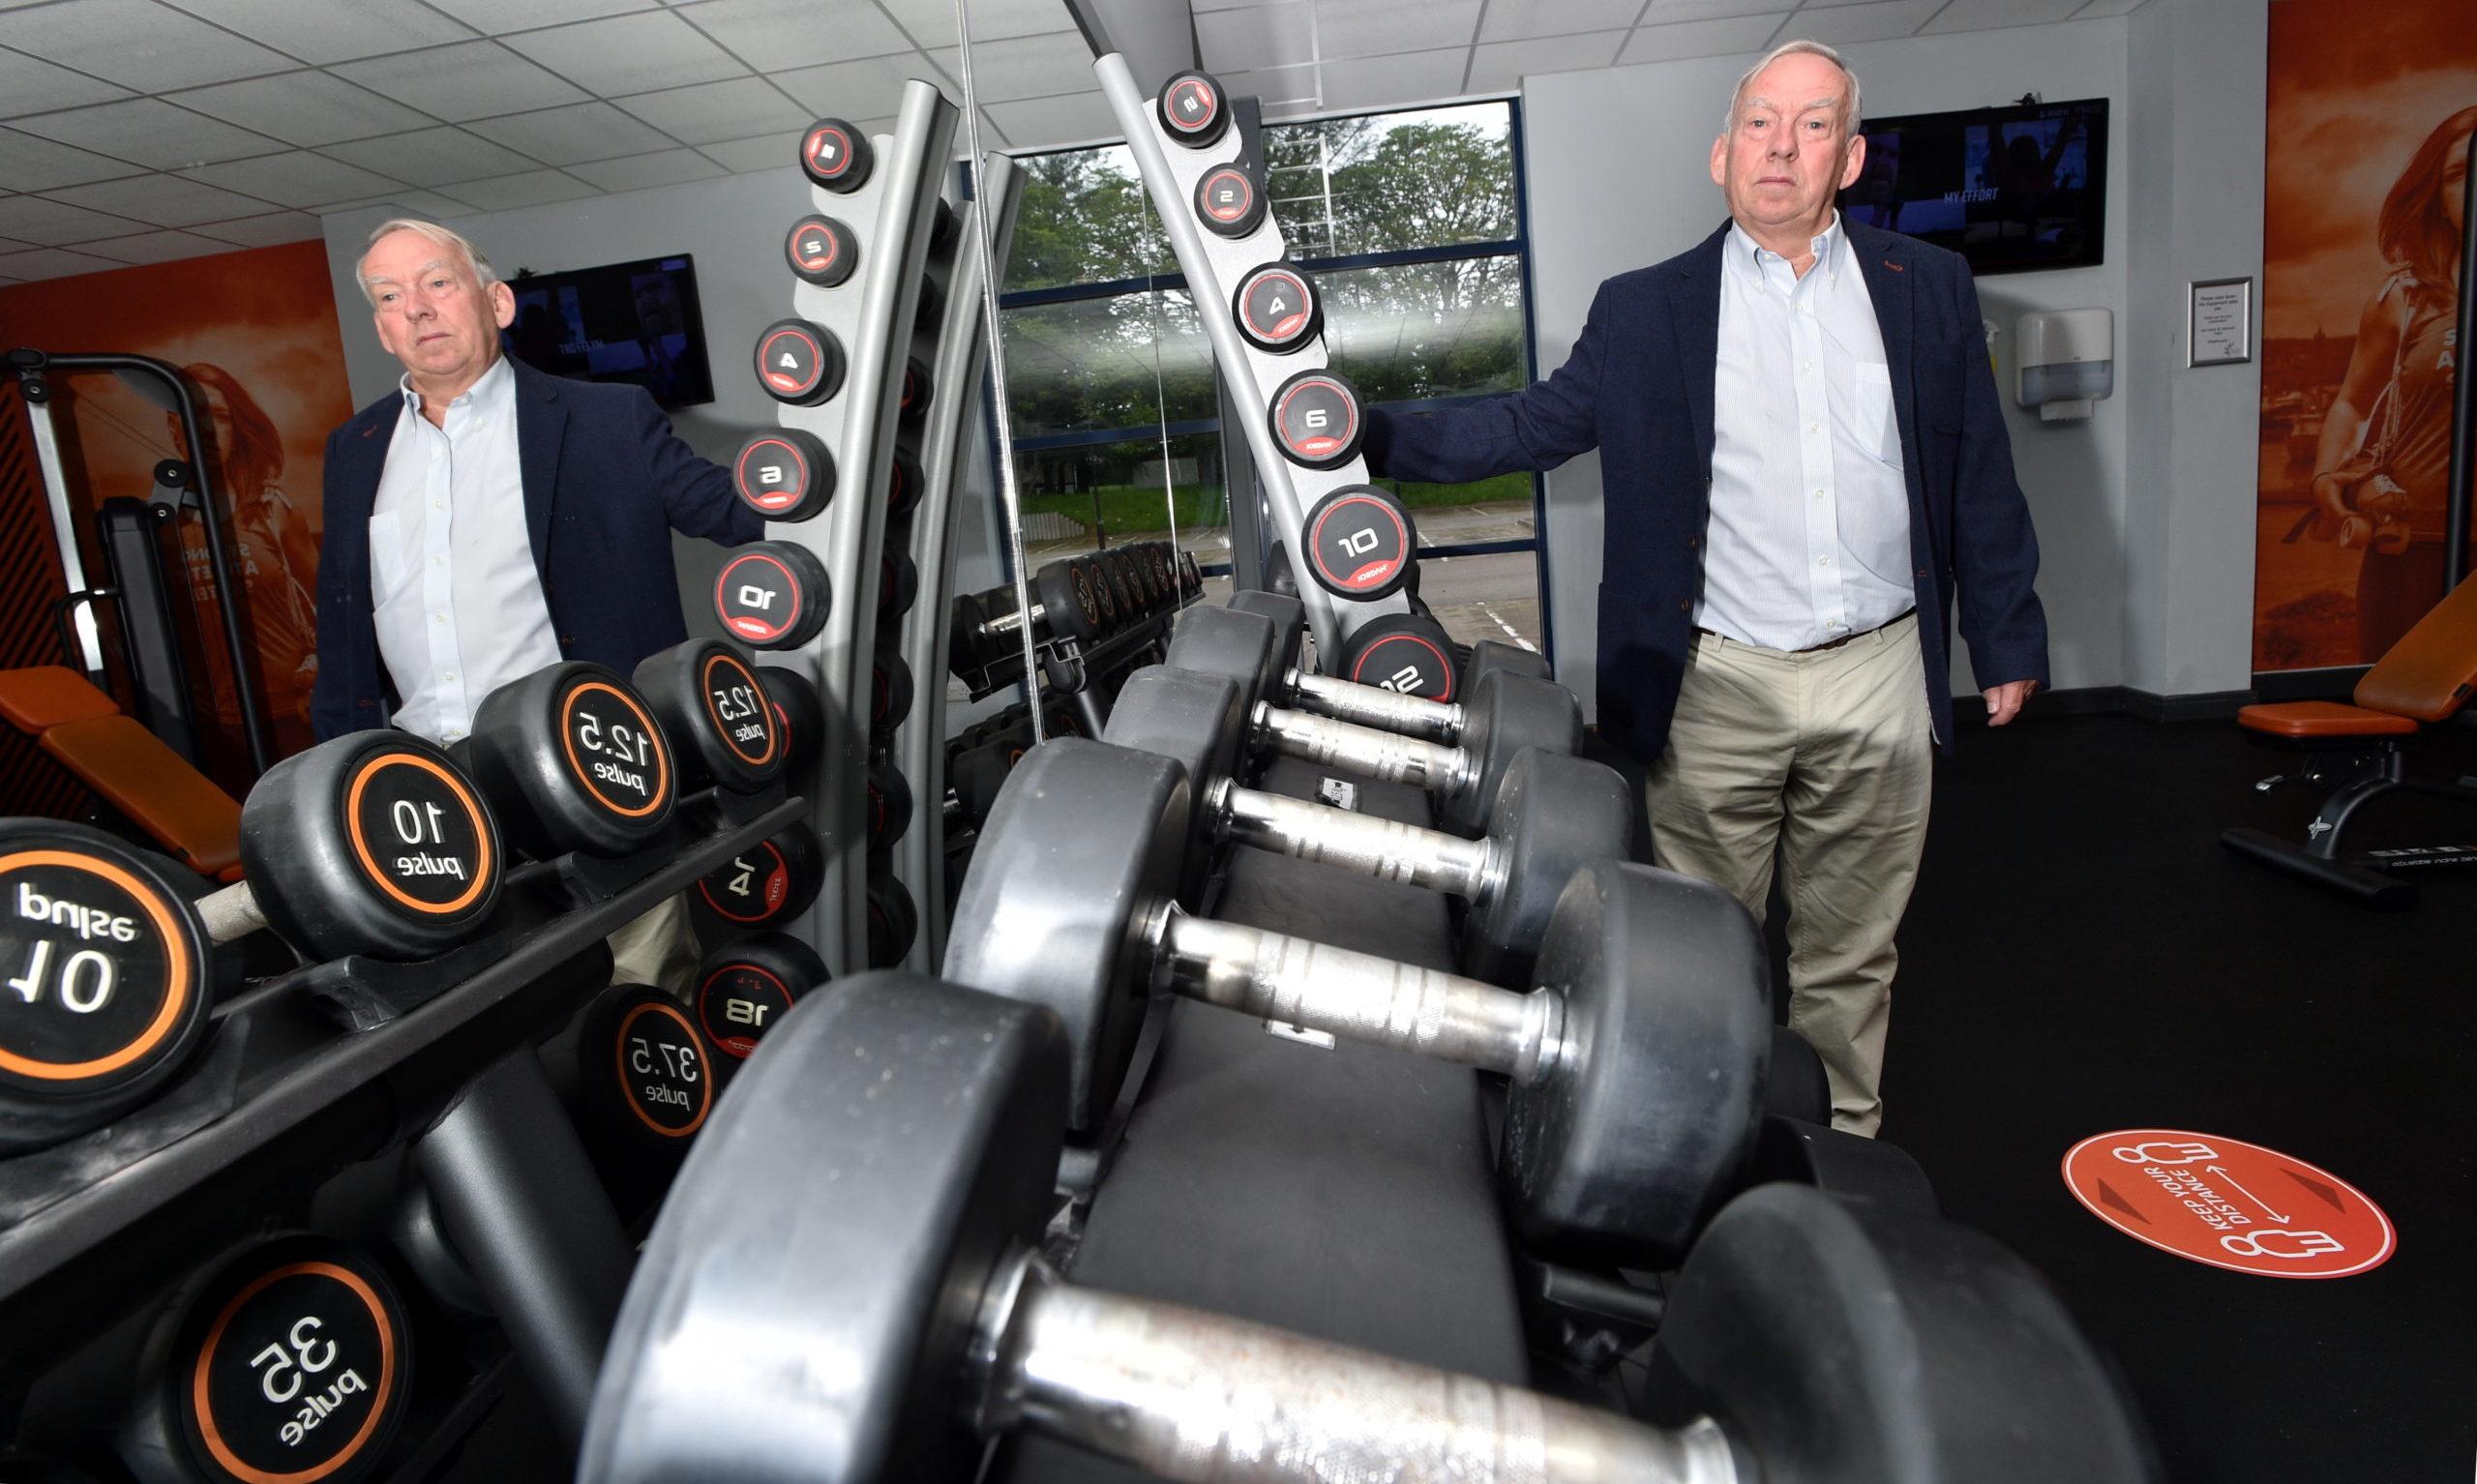 Sport Aberdeen chairman Tony Dawson at Get Active @ Jesmond , Bridge of Don, Aberdeen. Picture by Darrell Benns.